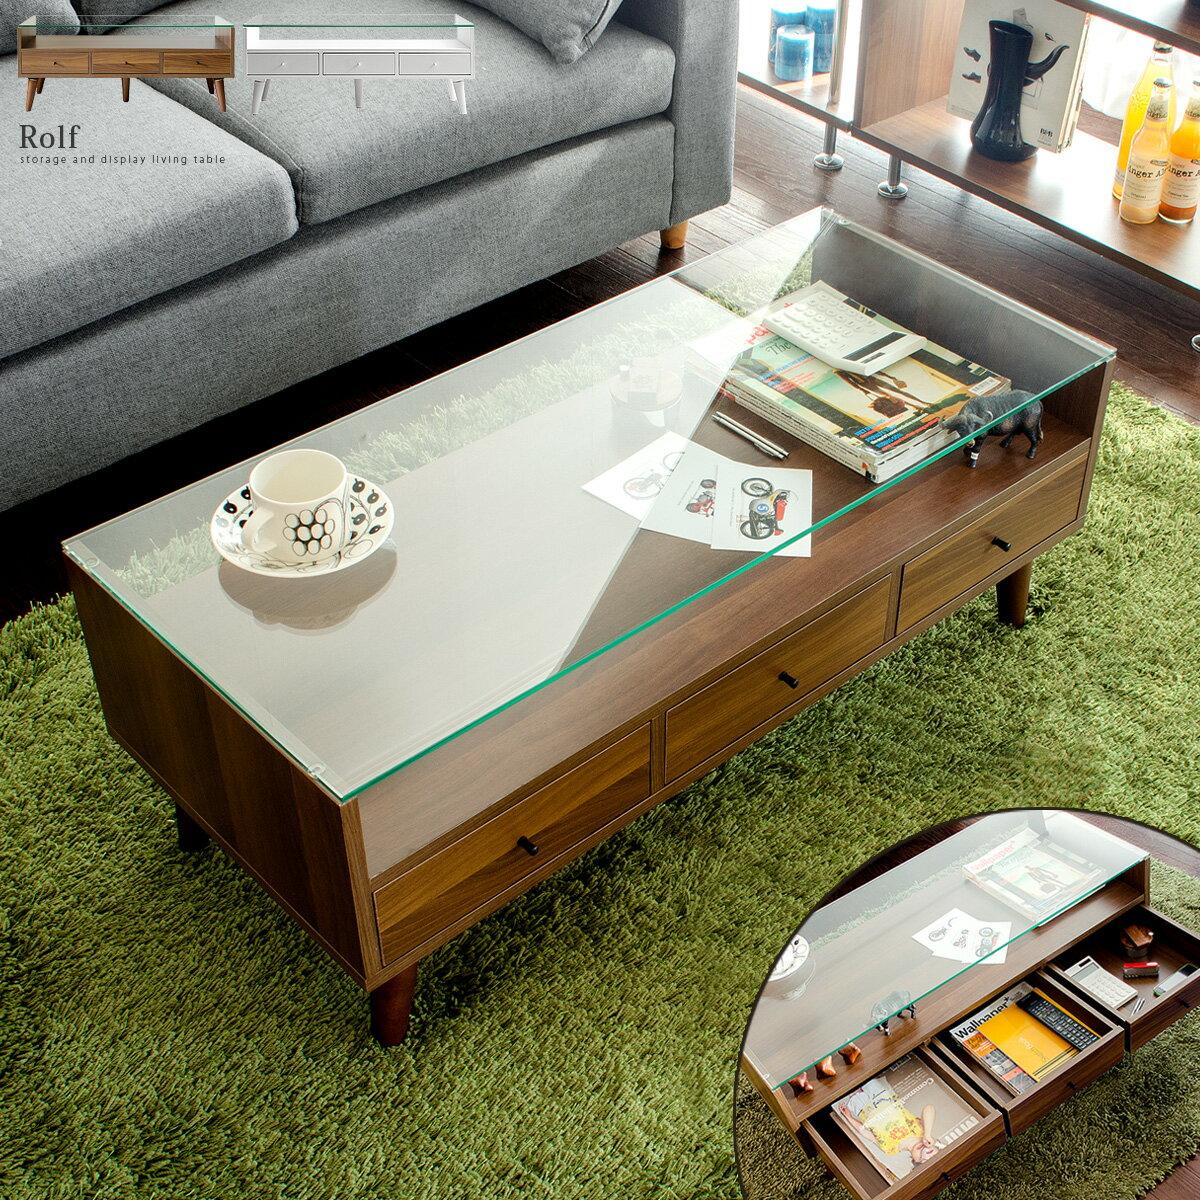 テーブル ローテーブル 引き出し リビングテーブル ガラステーブル センターテーブル 収納 ディスプレイ シンプル モダン 北欧 木製 シンプル ガラス おしゃれ かわいい ローテーブル Rolf〔ロルフ〕 ブラウン